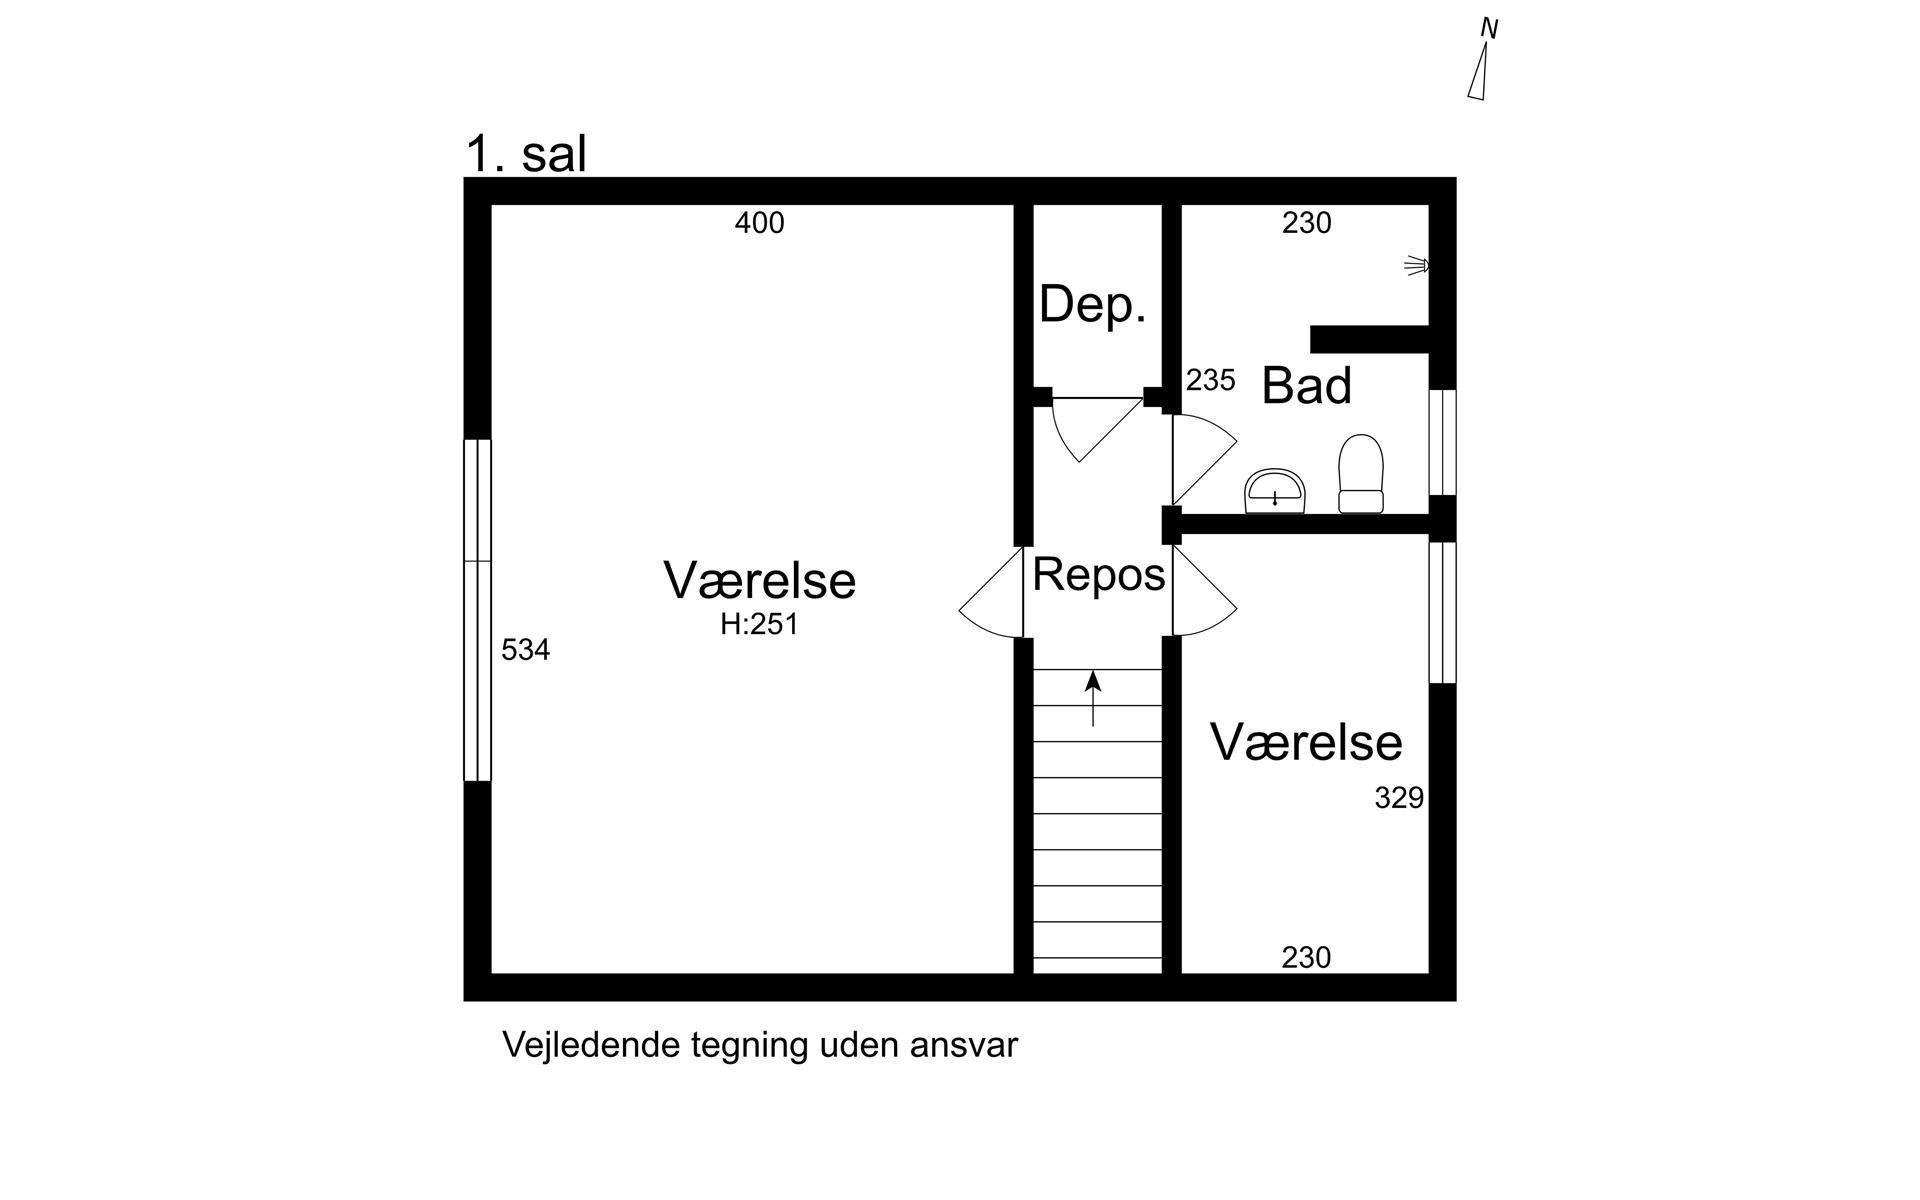 Rækkehus på Amundsensvej i Kongens Lyngby - 1. sal